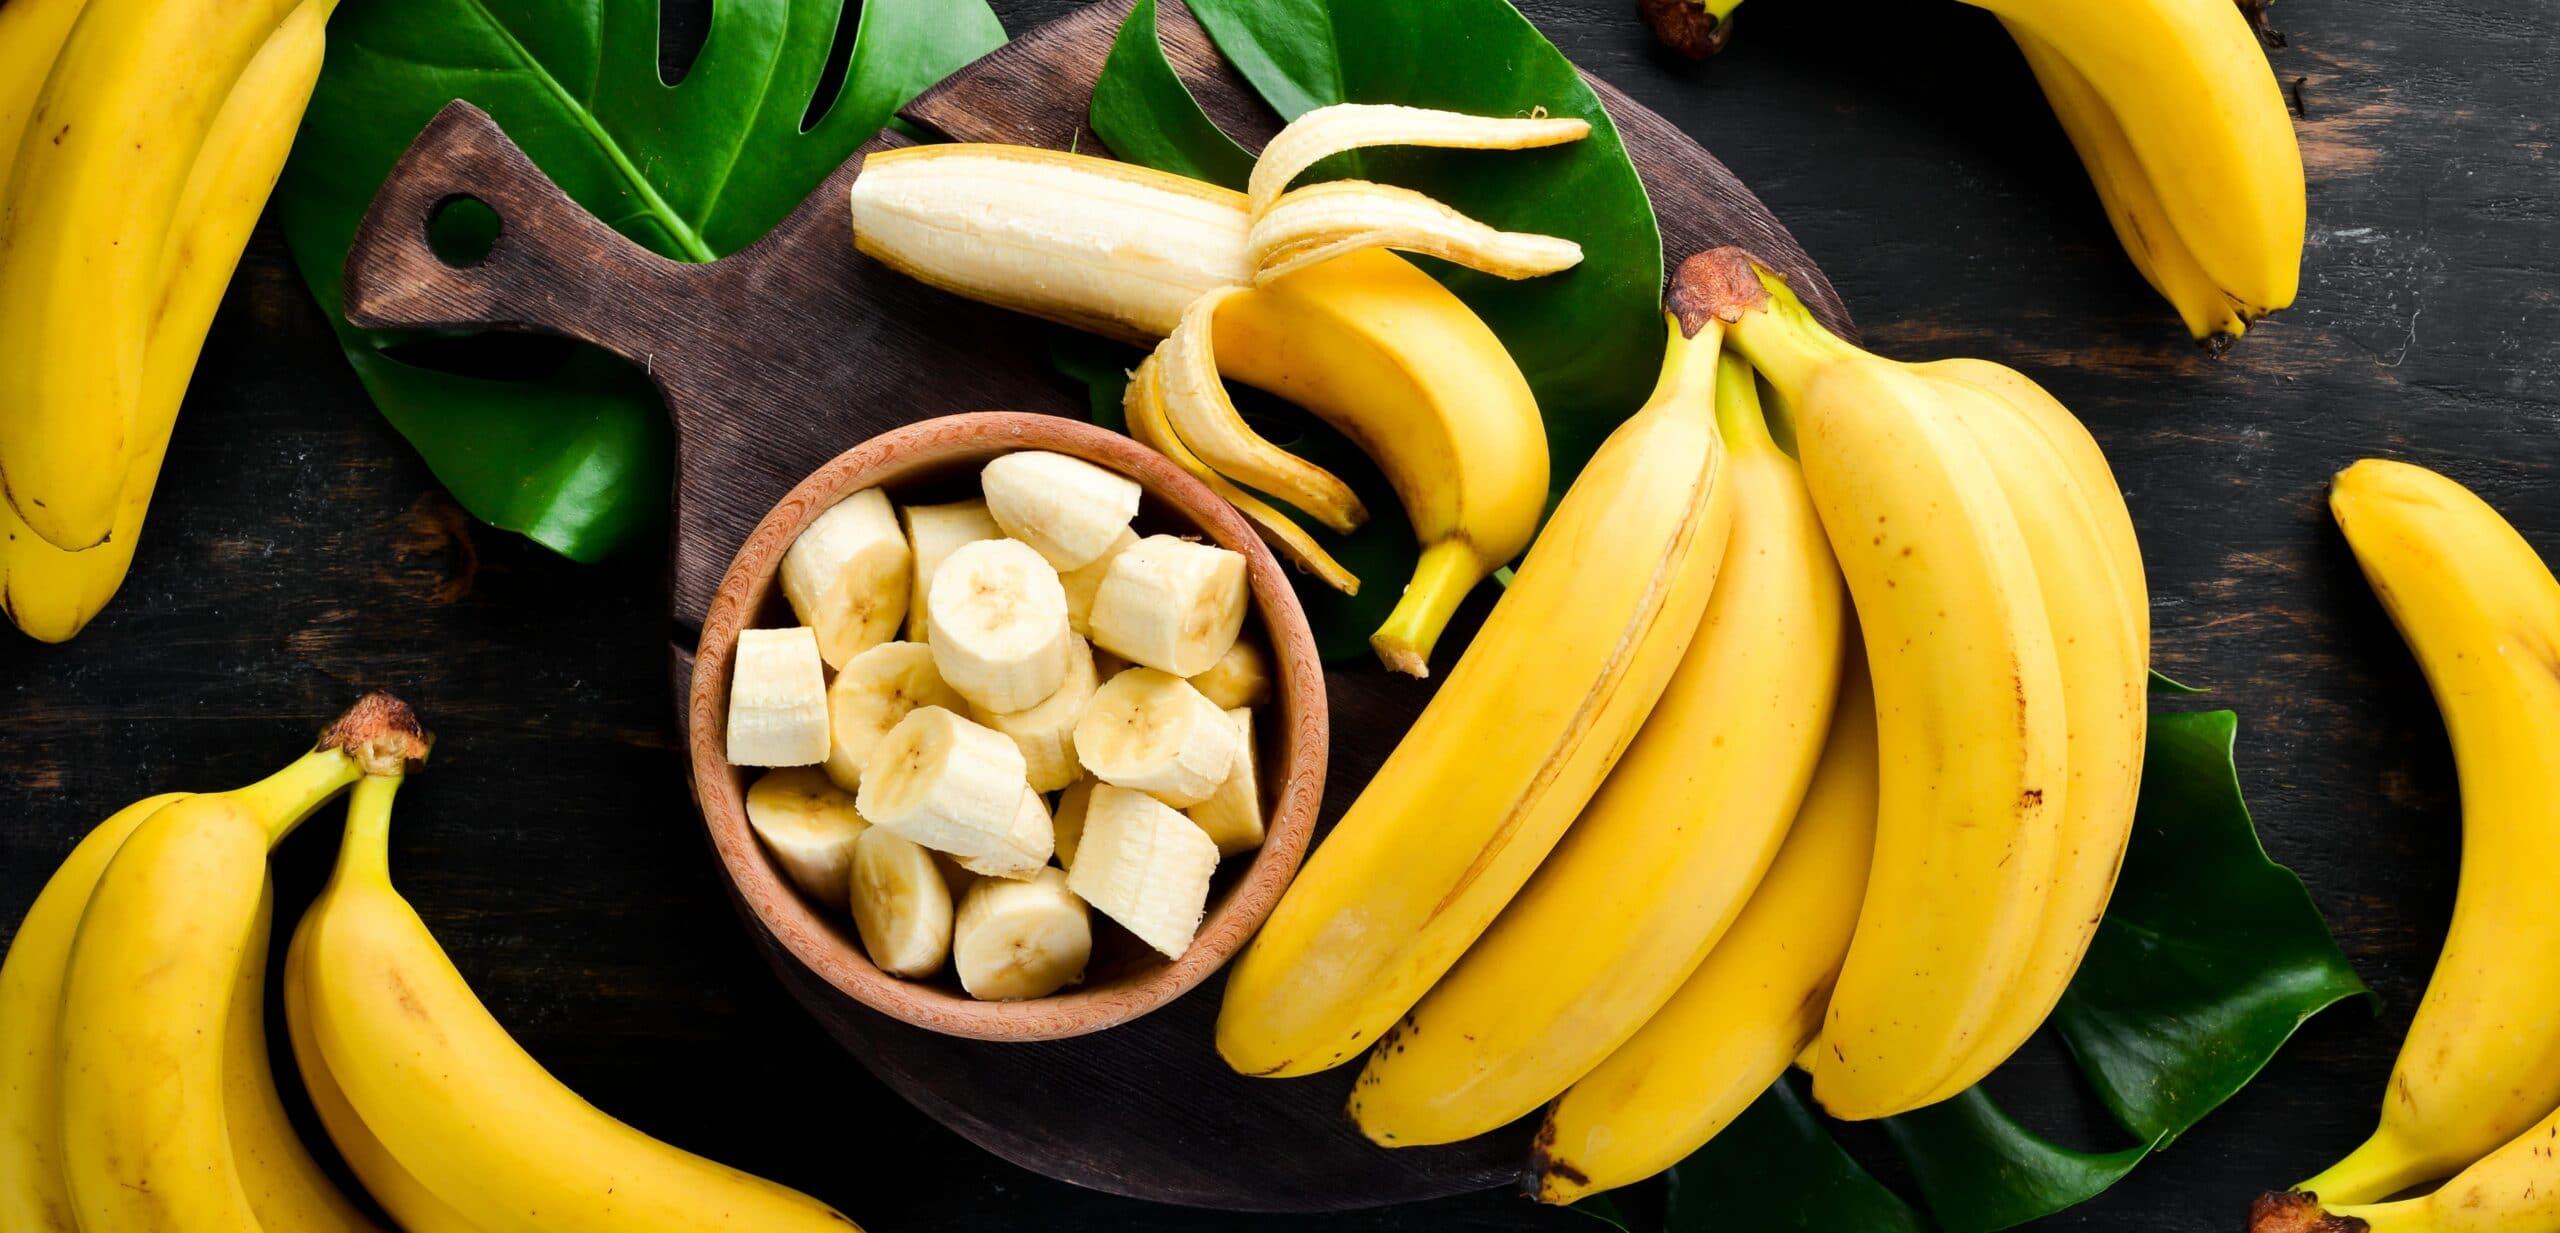 banana benefici, valori nutrizionali e proprietà